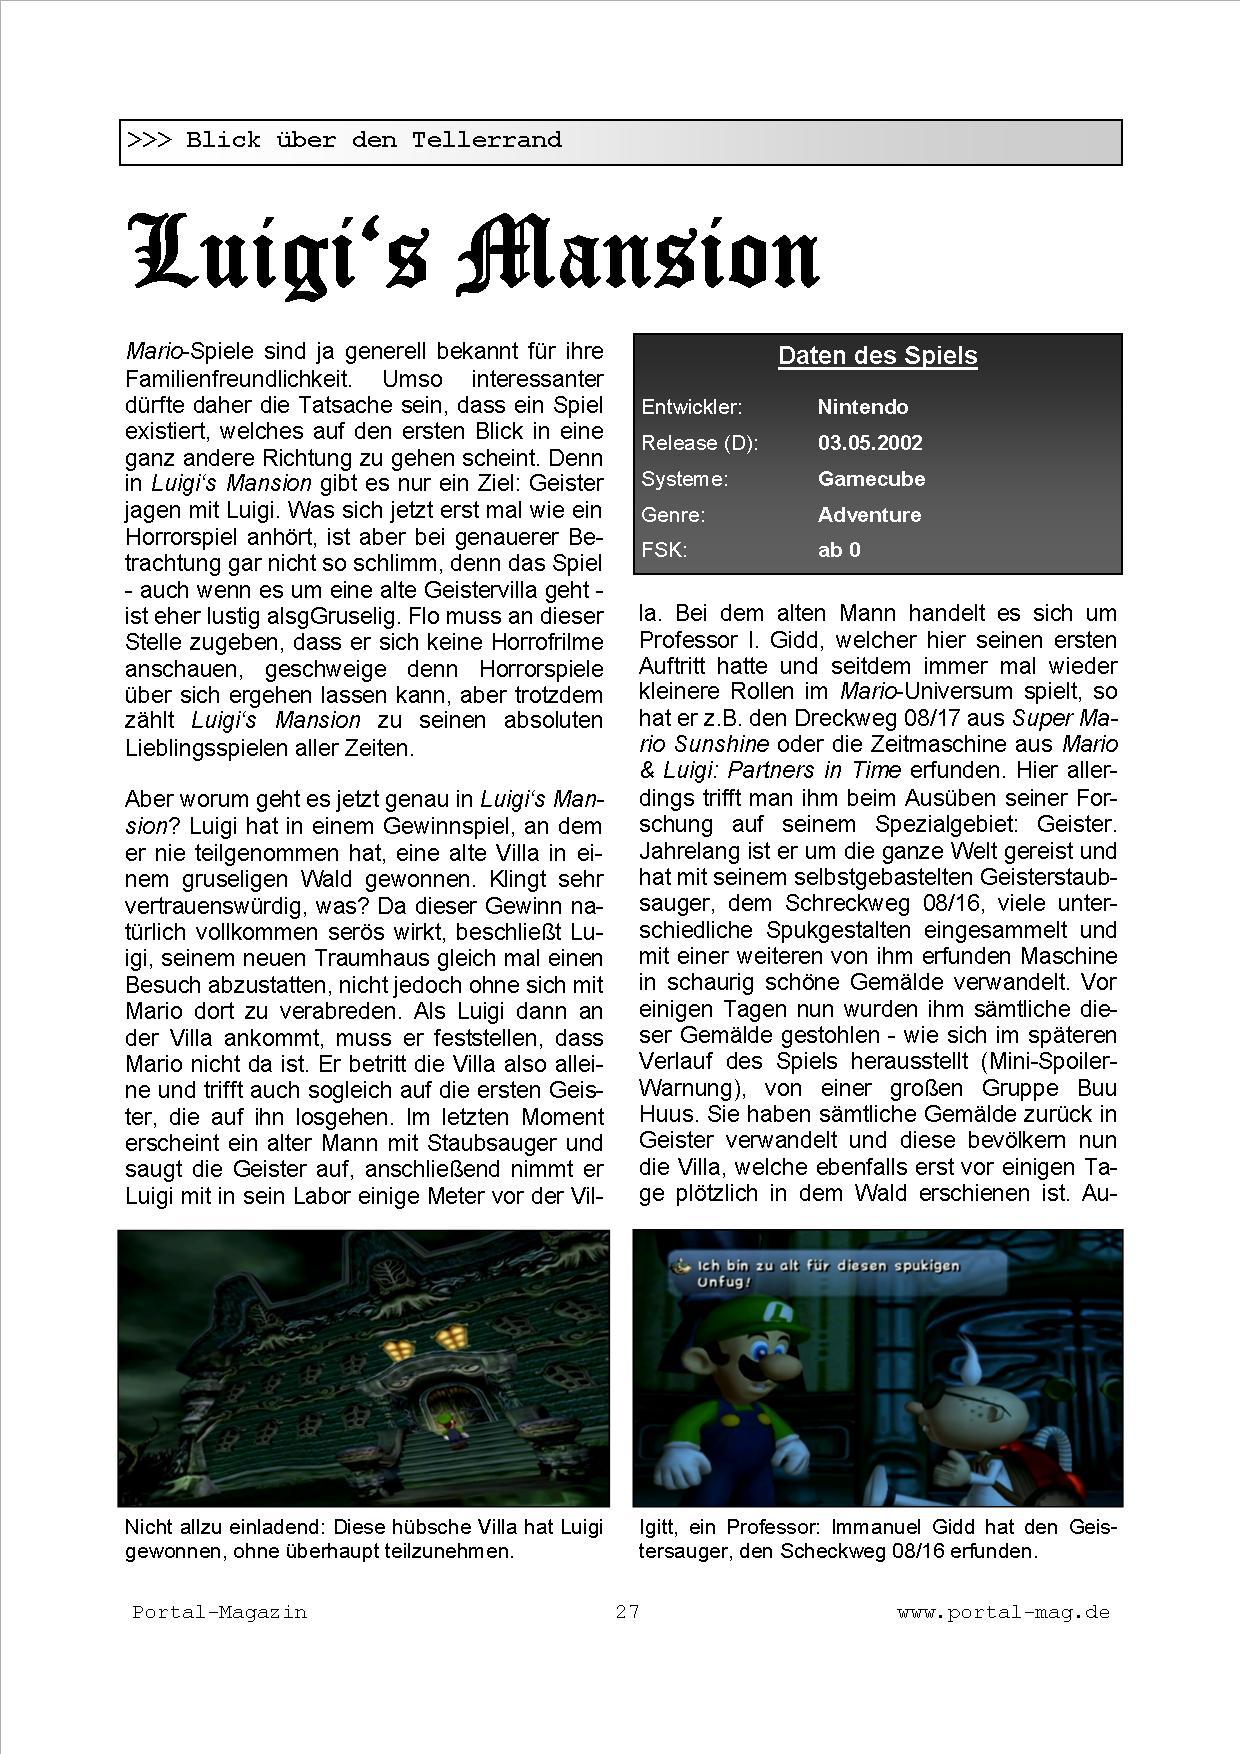 Ausgabe 36, Seite 27